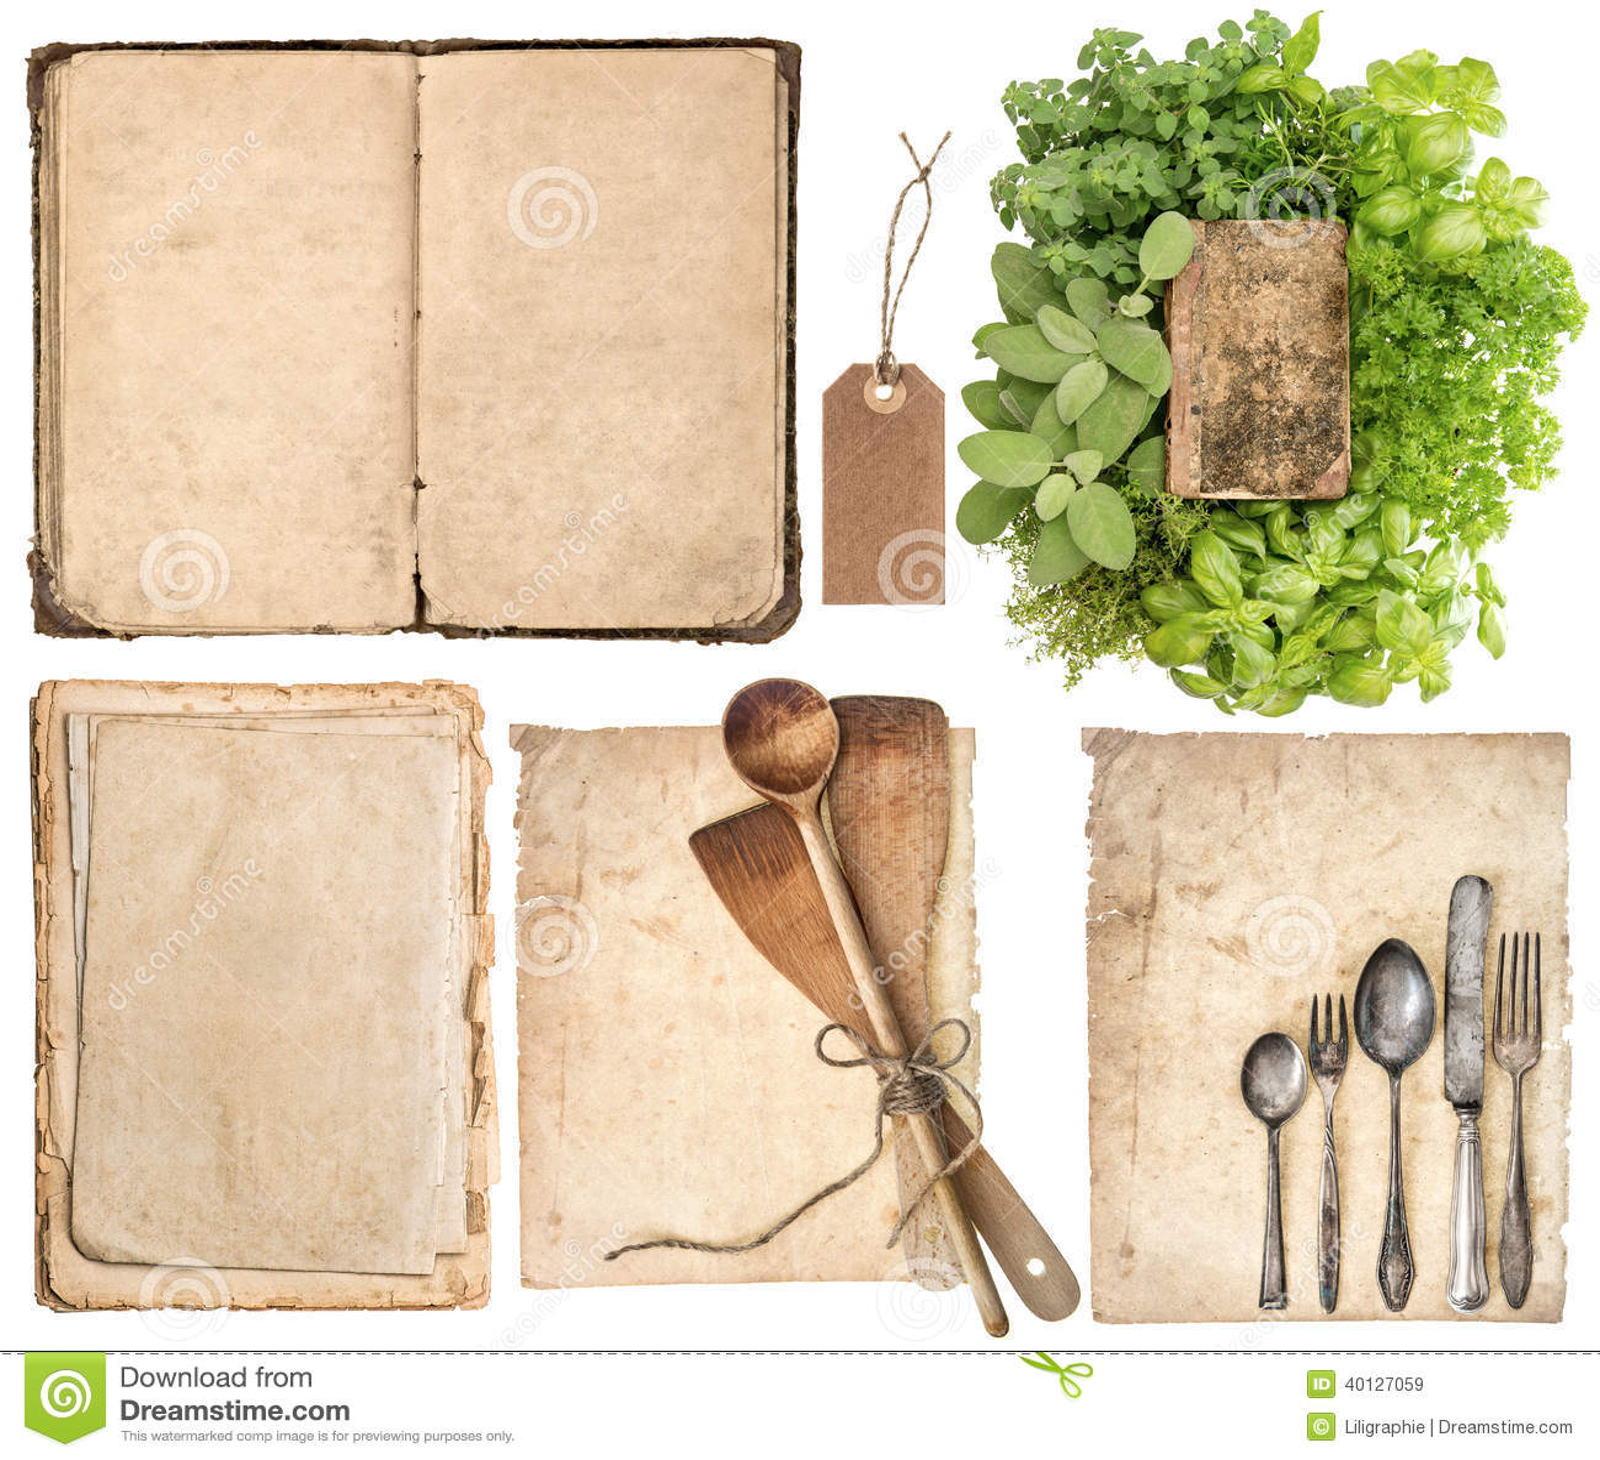 Ustensiles de cuisine vieux livre de cuisine pages et for Vieux ustensiles de cuisine